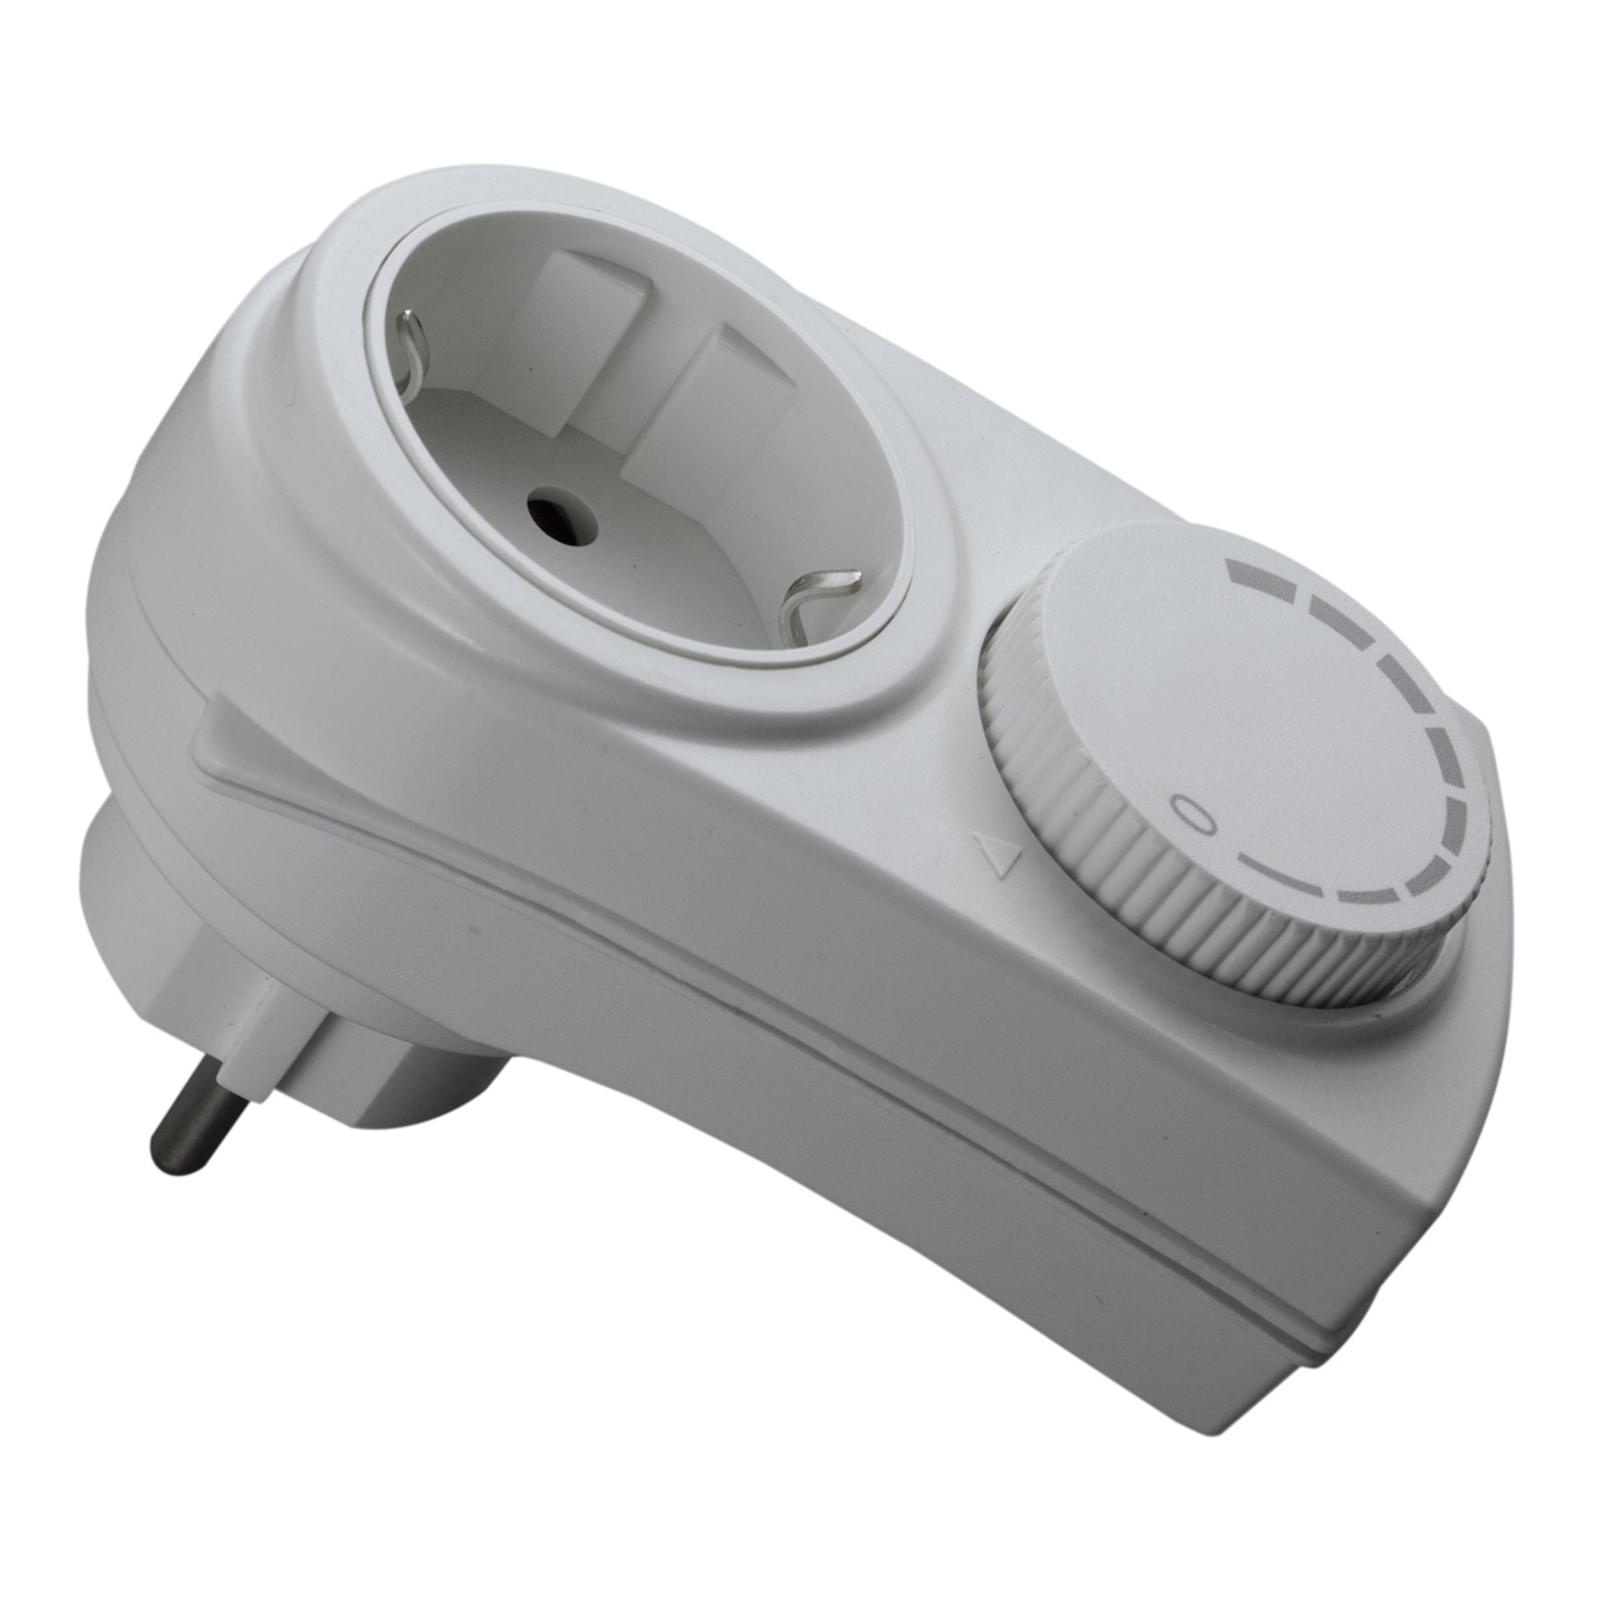 Stopcontact-dimmer met kinderbeveiliging